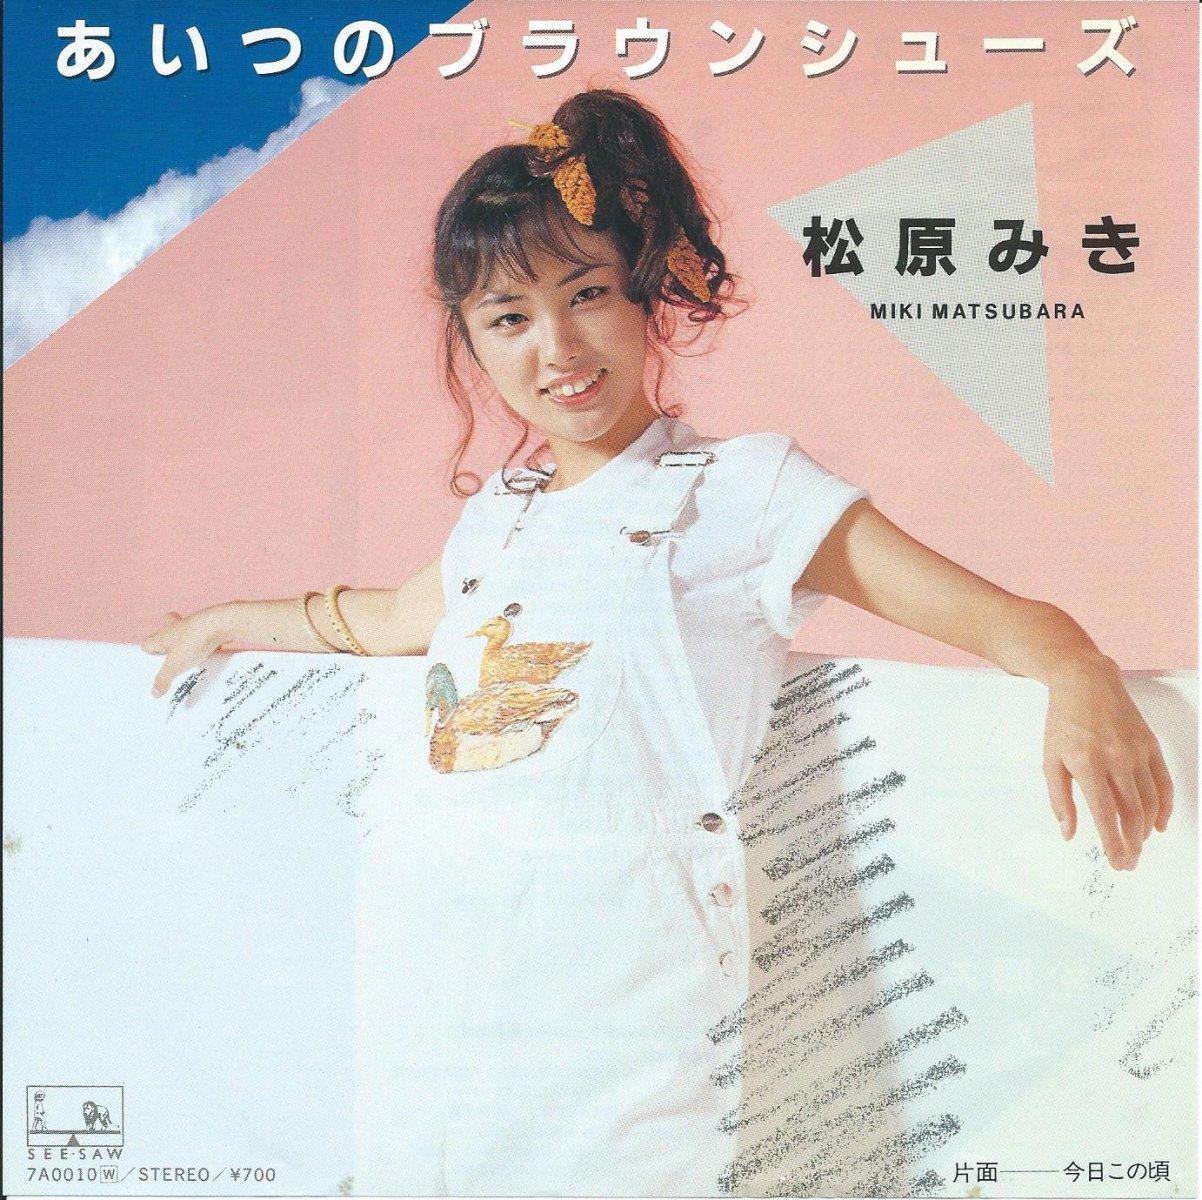 松原みき MIKI MATSUBARA / あいつのブラウンシューズ / 今日この頃 (7